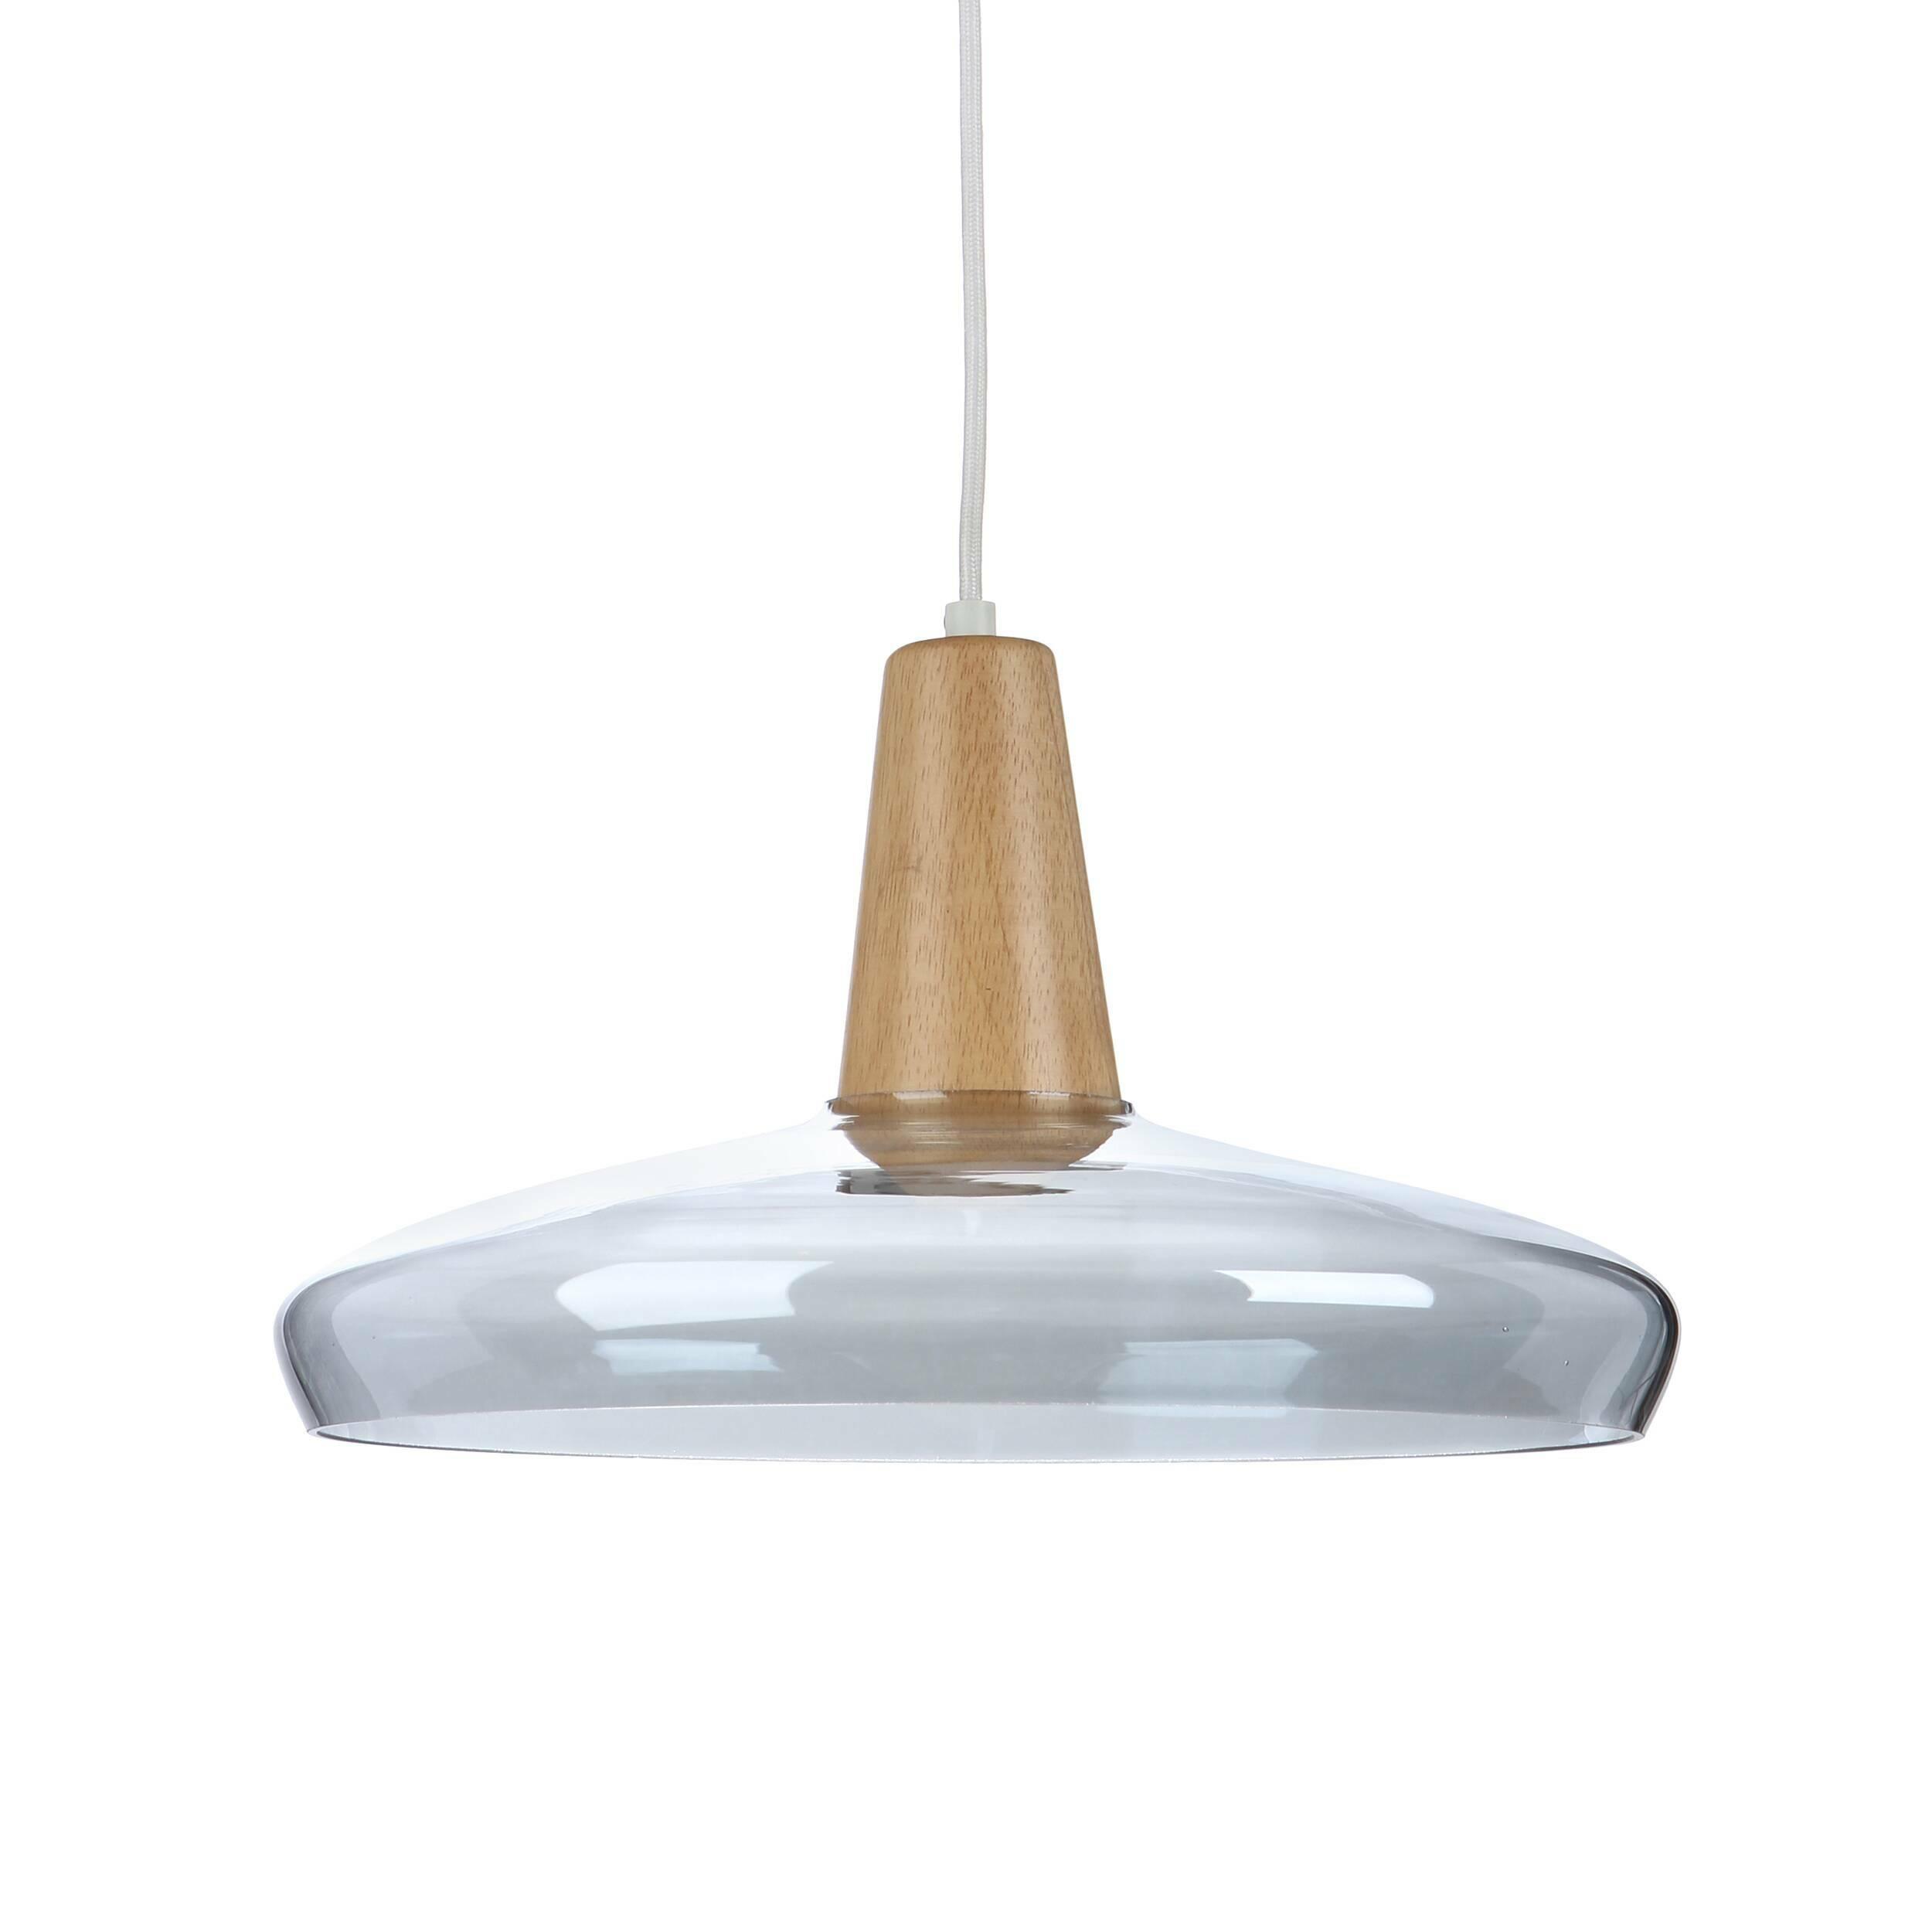 Подвесной светильник Industrial диаметр 37,5Подвесные<br>Подвесной светильник Industrial диаметр 37,5 — одна из моделей одноименной коллекции. Каждый из светильников линейки отличается формой и диаметром, но выполнен из одних и тех же материалов. Единая стилистика помогает использовать сразу несколько моделей в одном помещении. Многоуровневое освещение — это популярное в современном дизайне явление. Интерьер с ярусной подсветкой выглядит всегда ярко и стильно.<br><br><br> Коллекция выполнена в стиле эко — все отобранные для производства материалы име...<br><br>stock: 4<br>Высота: 180<br>Диаметр: 37,5<br>Материал абажура: Стекло<br>Материал арматуры: Дерево<br>Мощность лампы: 5<br>Ламп в комплекте: Нет<br>Напряжение: 220<br>Тип лампы/цоколь: LED<br>Цвет абажура: Синий